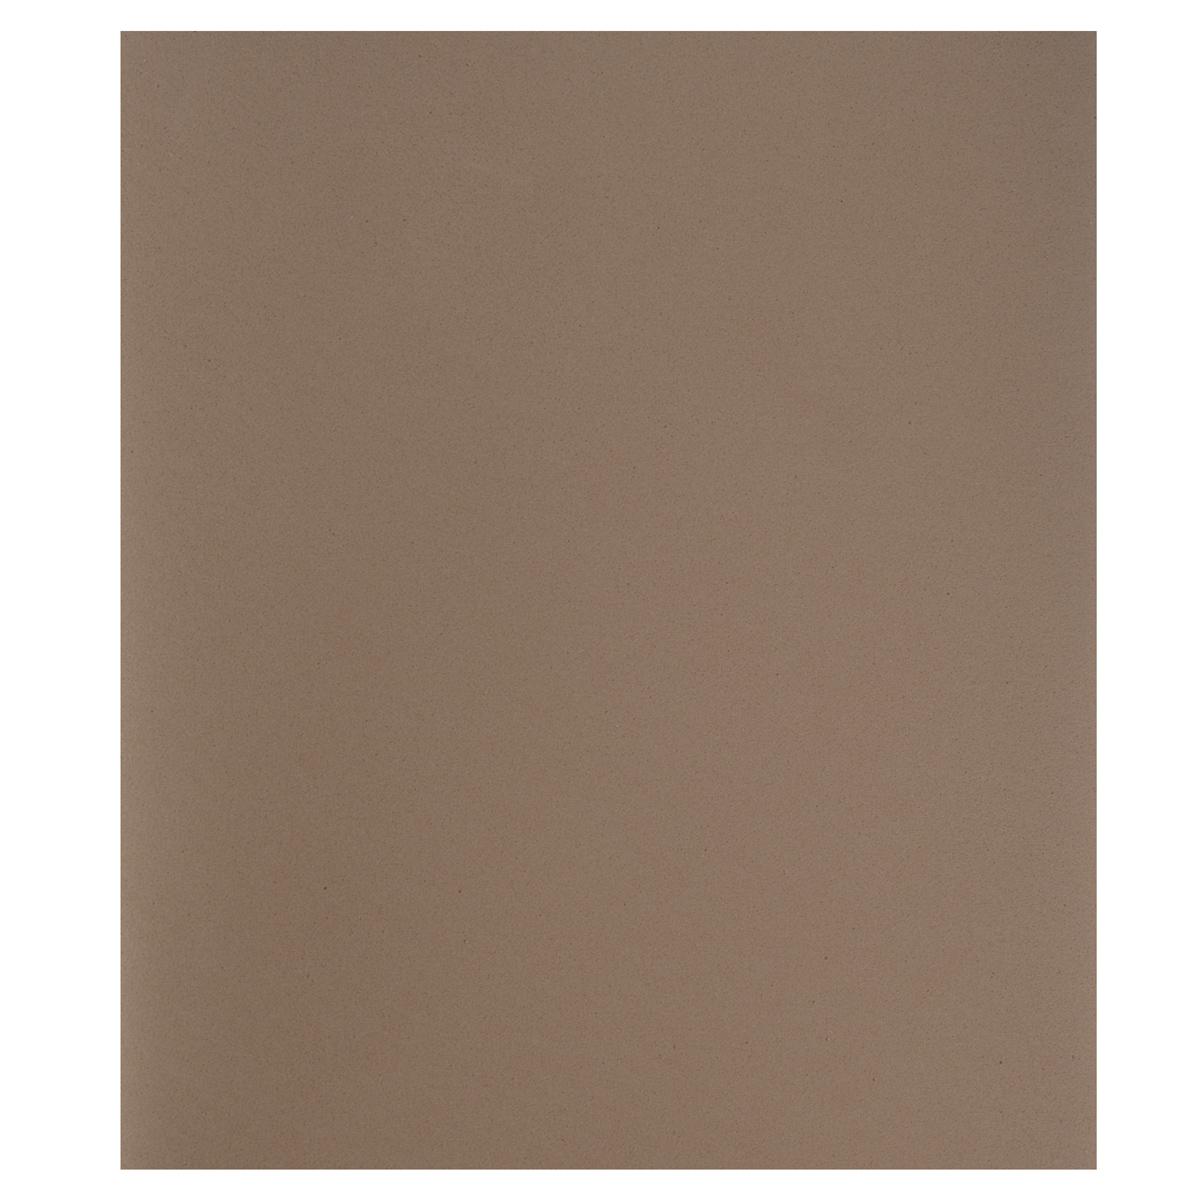 Фоамиран АртНева, цвет: коричневый, 60 х 70 см697963_коричневыйФоамиран АртНева изготовлен из полимерного материала, легкого и приятного на ощупь. Изделие предназначено для создания цветов и композиций, кукол, украшения упаковок, магнитов, поделок, аппликаций и многого другого. С успехом используется для различных видов рукоделия, создания разнообразного объемного декора. Главная особенность состоит в том, что материал под воздействием тепла рук способен к небольшому растяжению для изменения формы и придания фактурности.